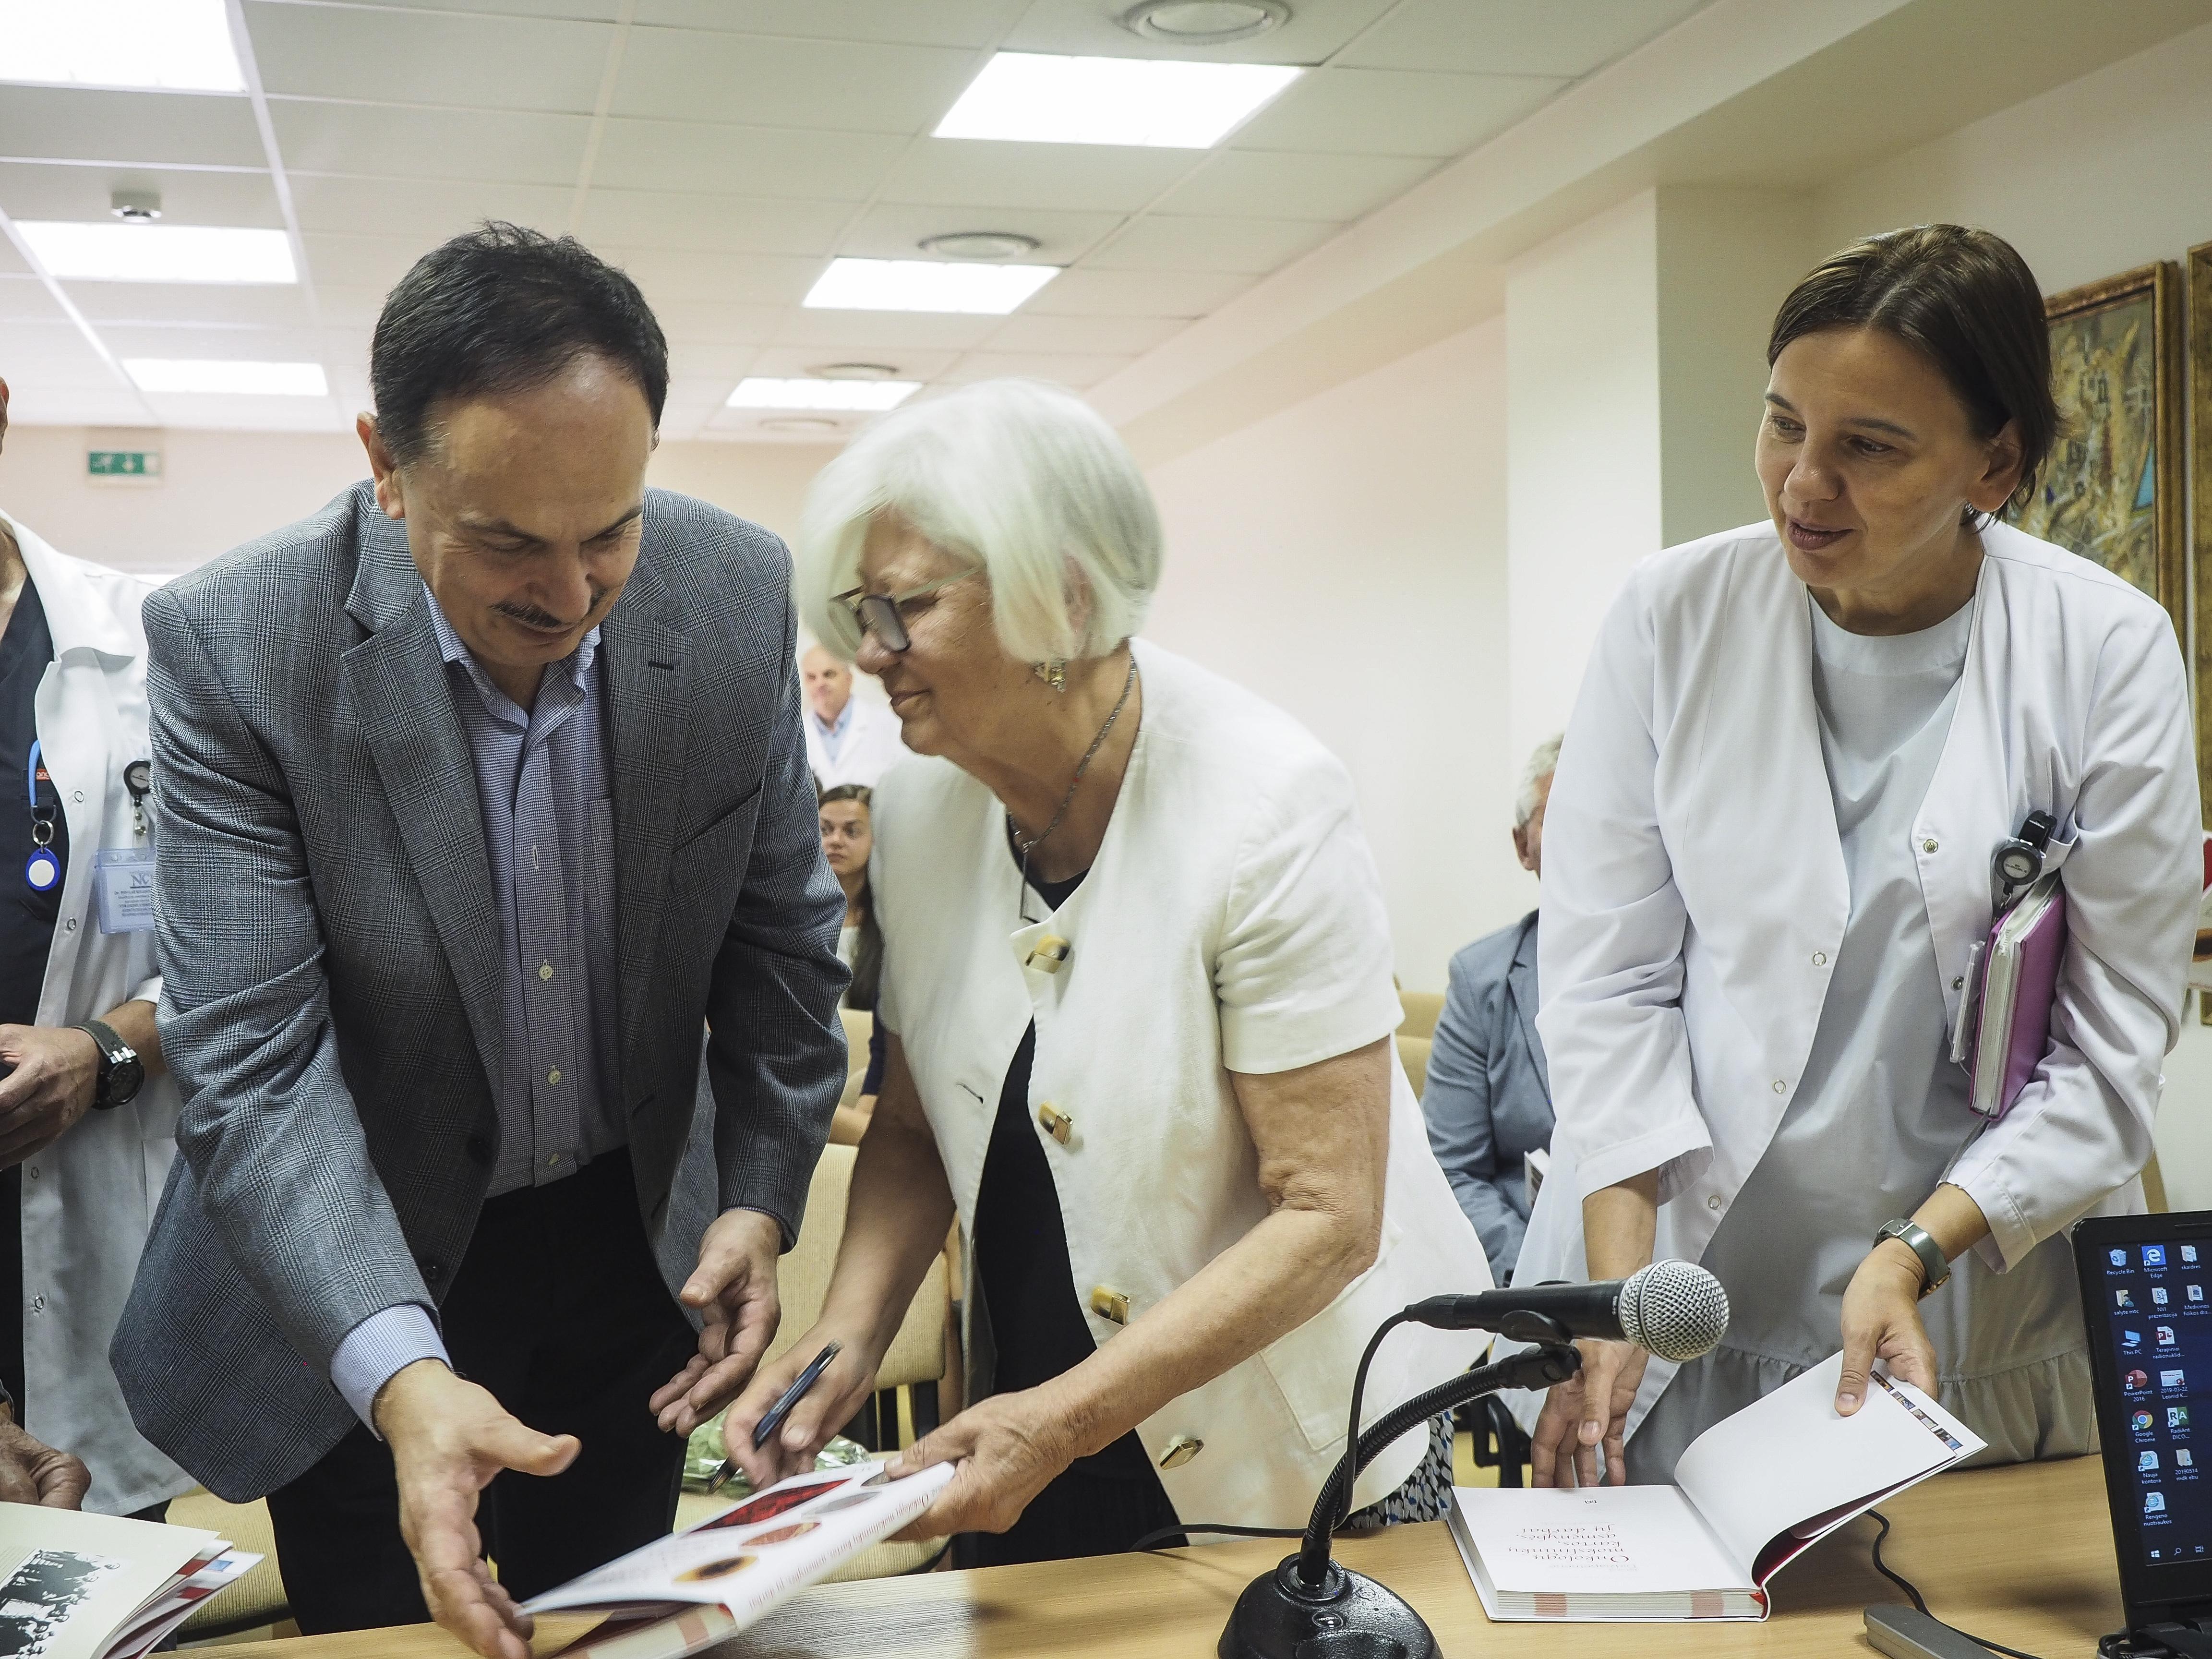 Kraštietė, prof. Janina Didžiapetrienė: tarnystė onkologijos mokslui ir pacientui svarbesnė nei asmeniniai interesai